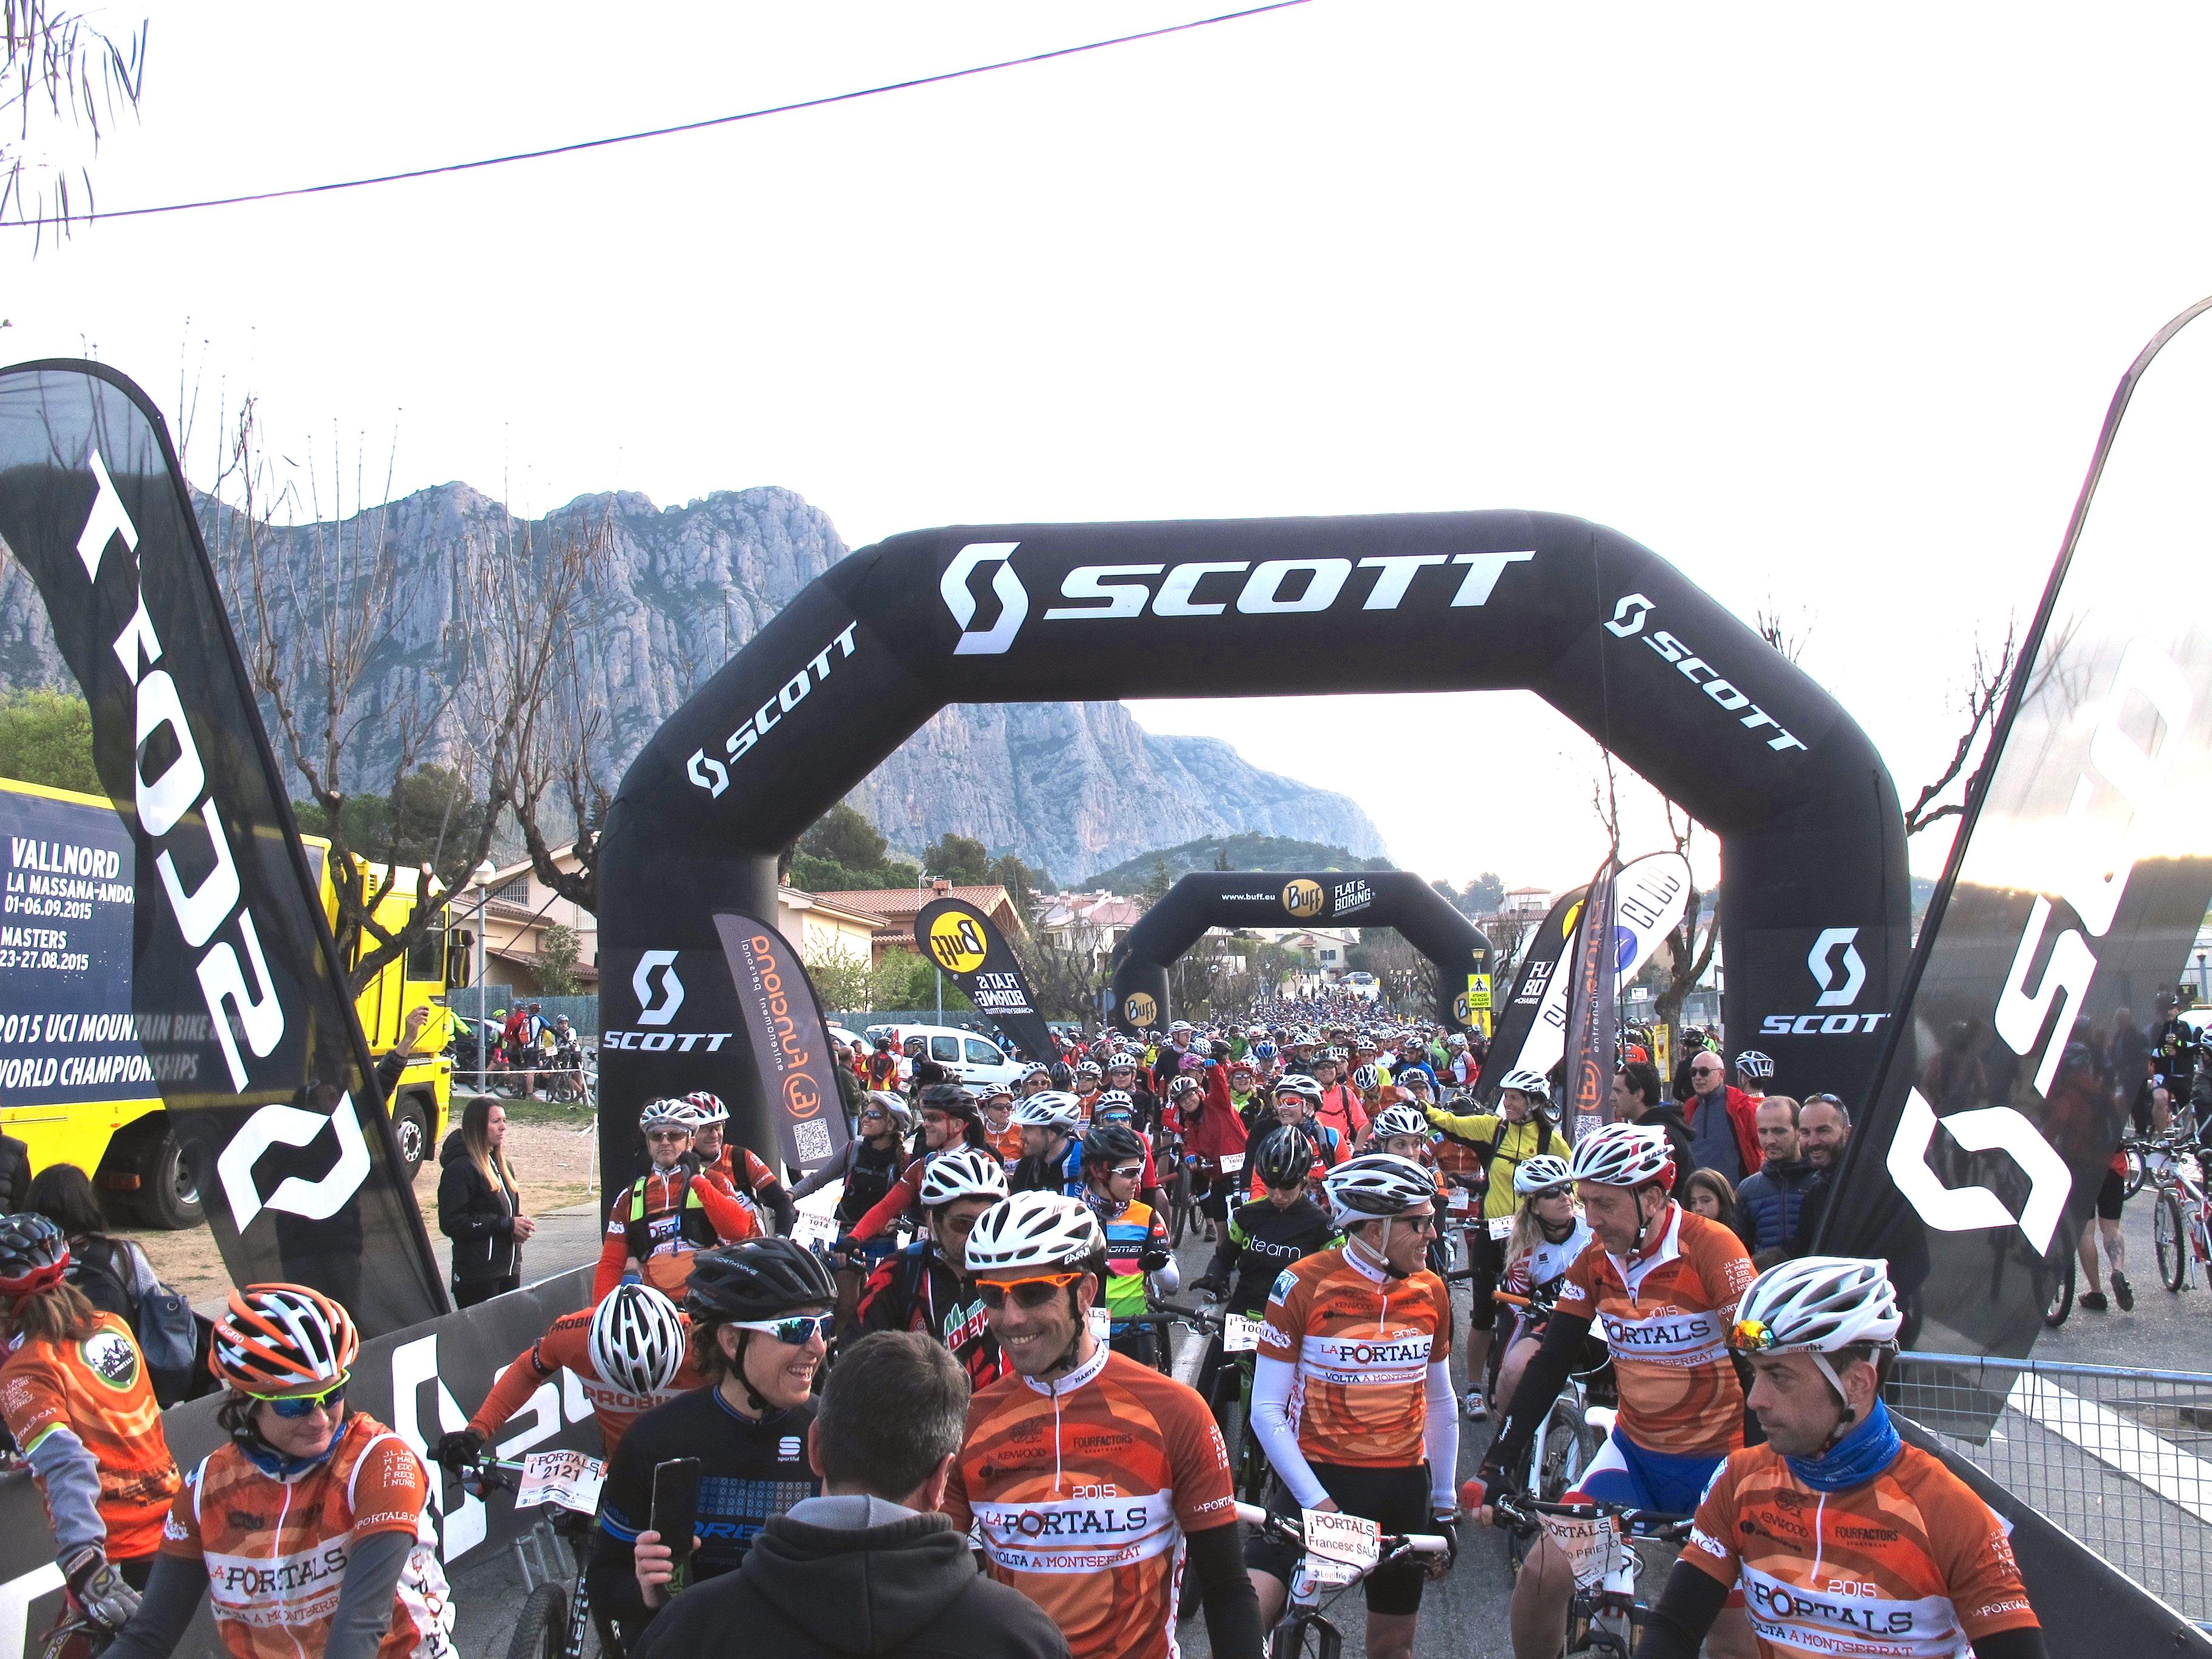 Més de 2000 esportistes han gaudit el massís de Montserrat a La Portals a Peu i en Bicicleta